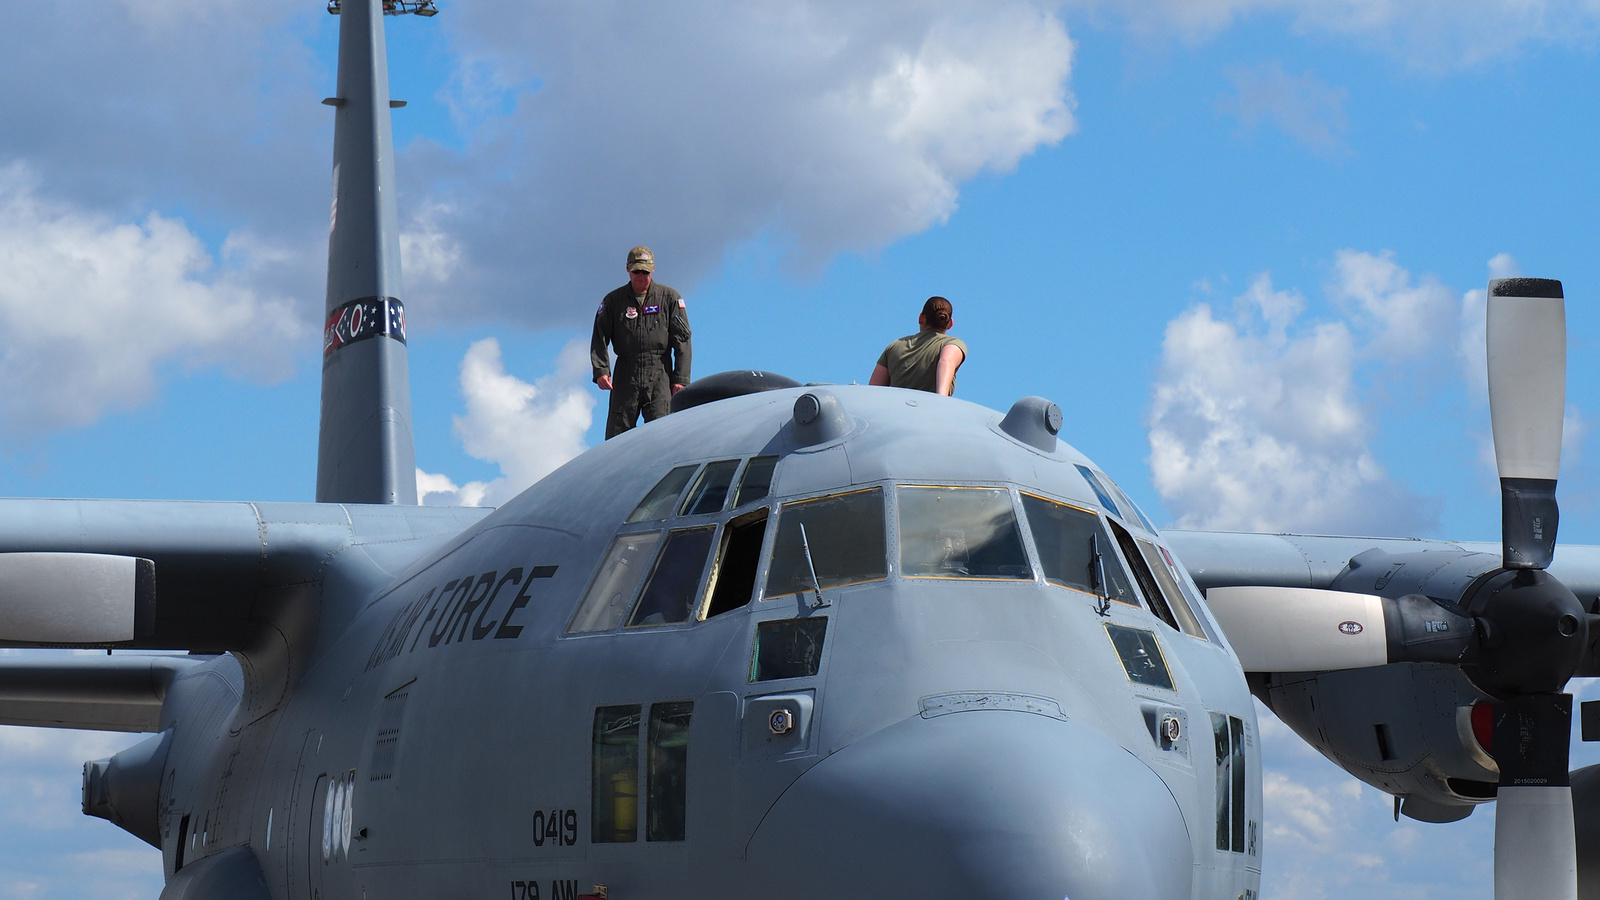 Ohio Air Guard C-130 (Spirit of Mansfield), SzG3